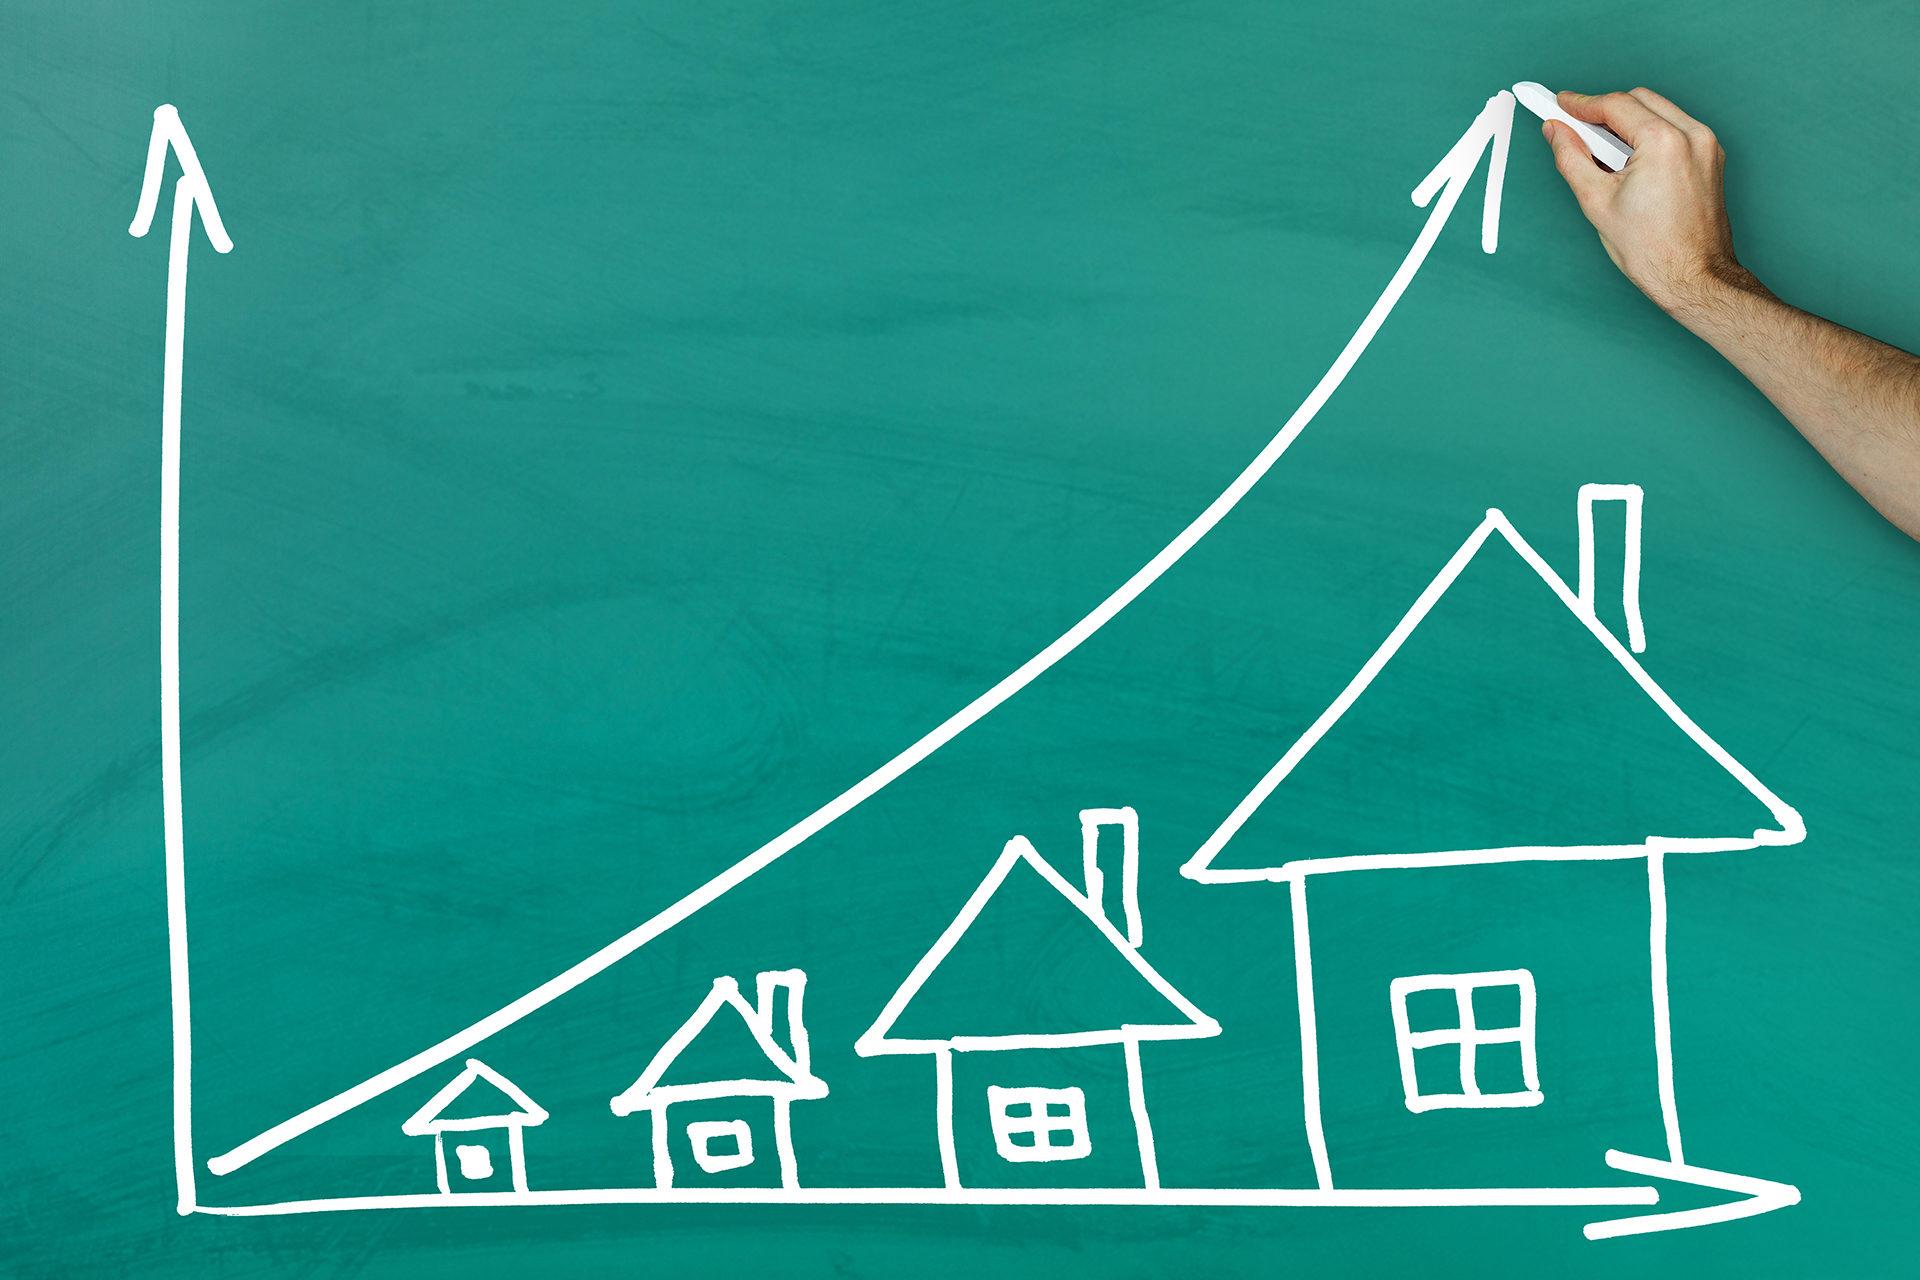 gráfico com tamanho de casas em ordem crescente